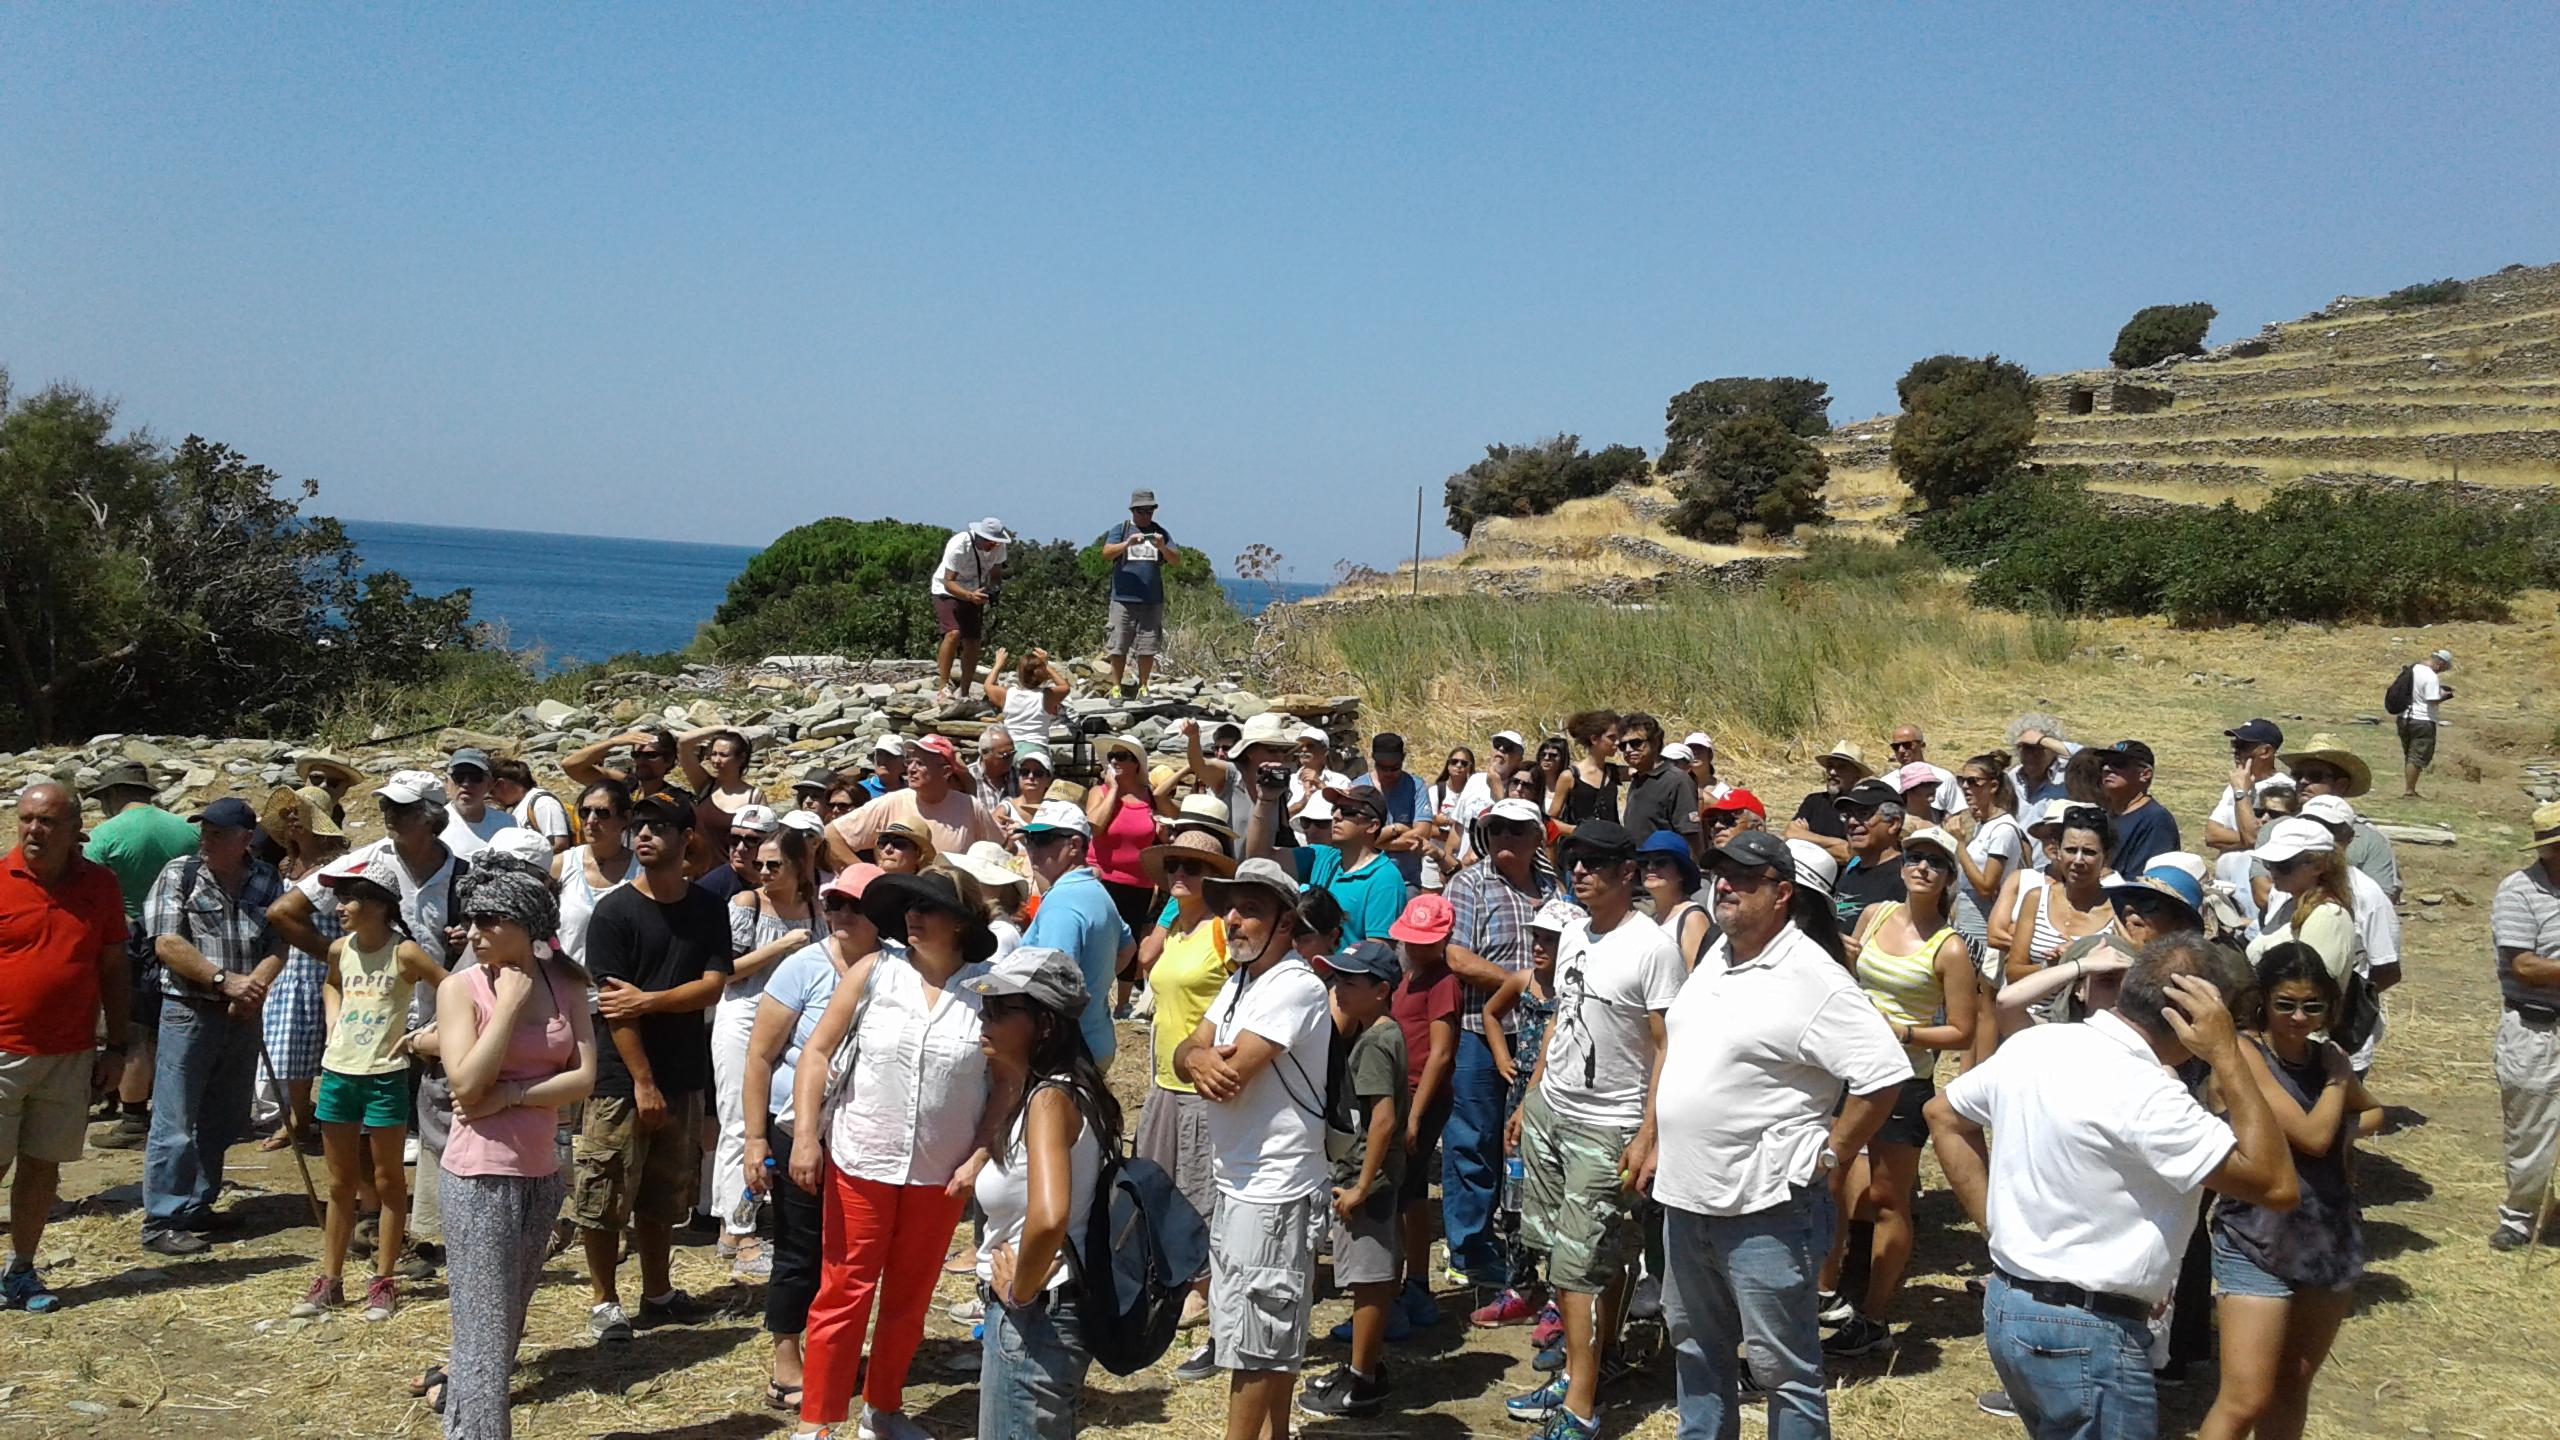 Έκθεση 2017, ξενάγηση στον αρχαιολογικό χώρο,05.08.2017, 2